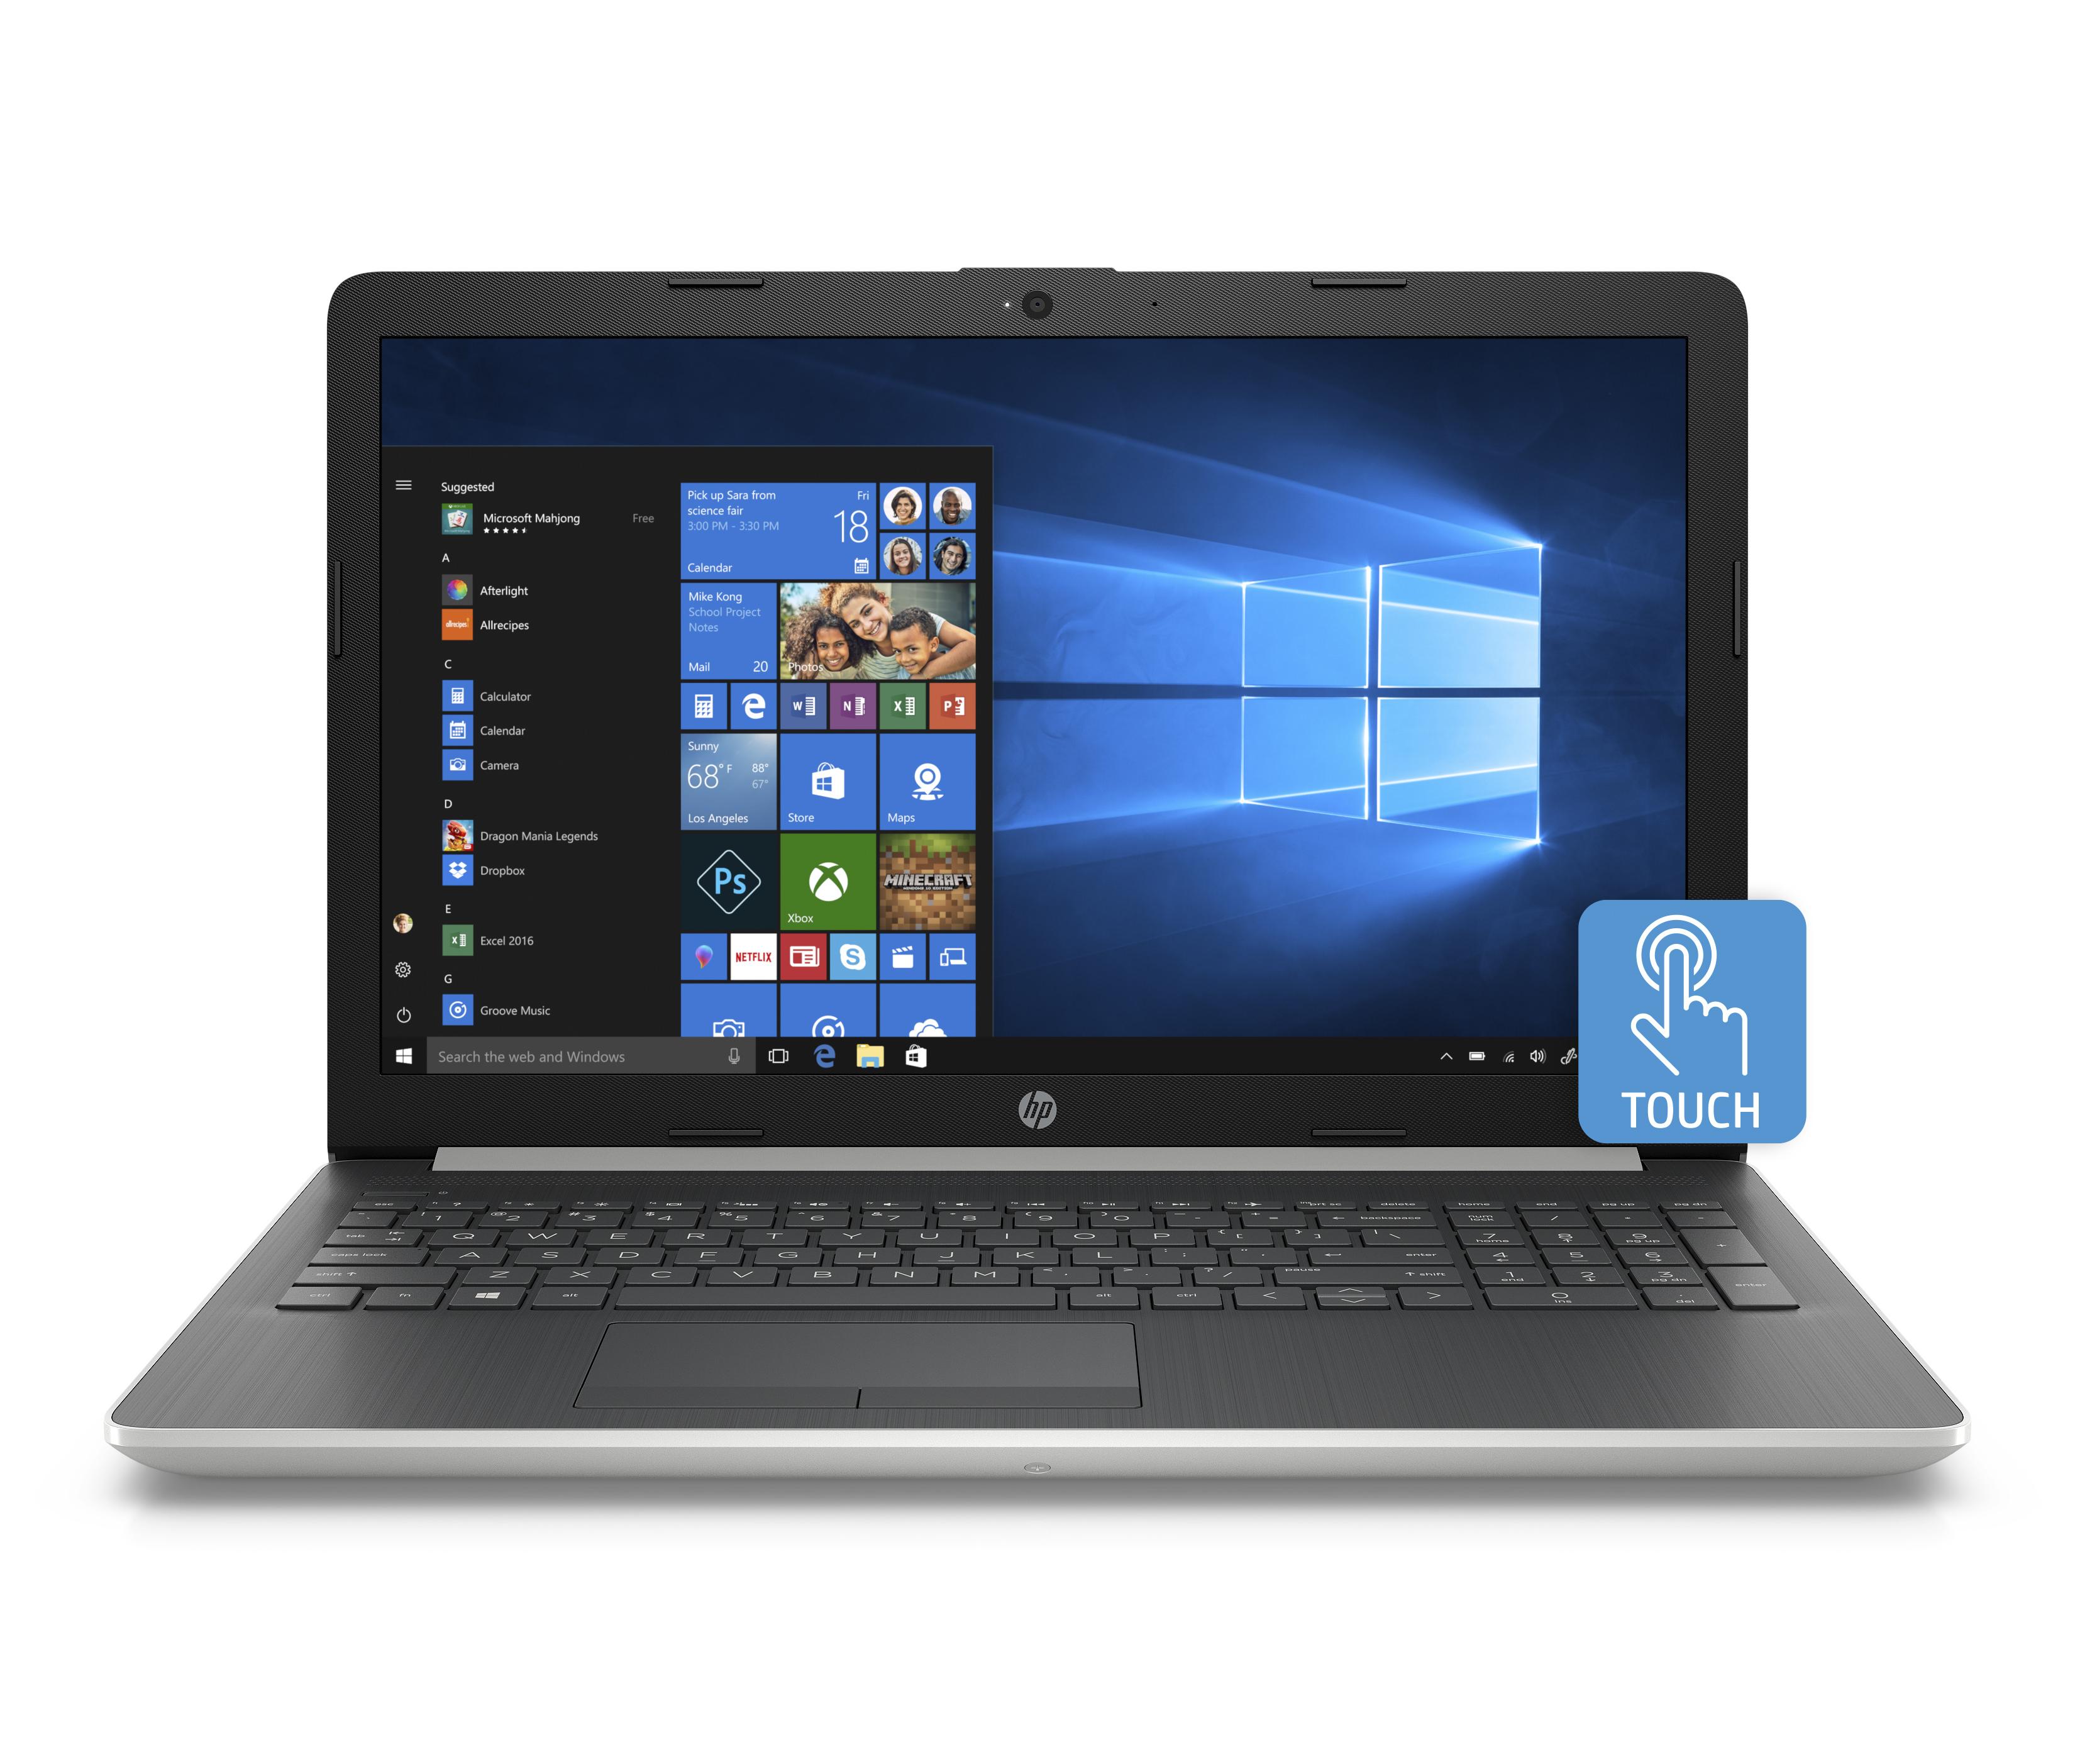 [EXTREME YMMV] HP 15 Graphite Mist Laptop - 99$